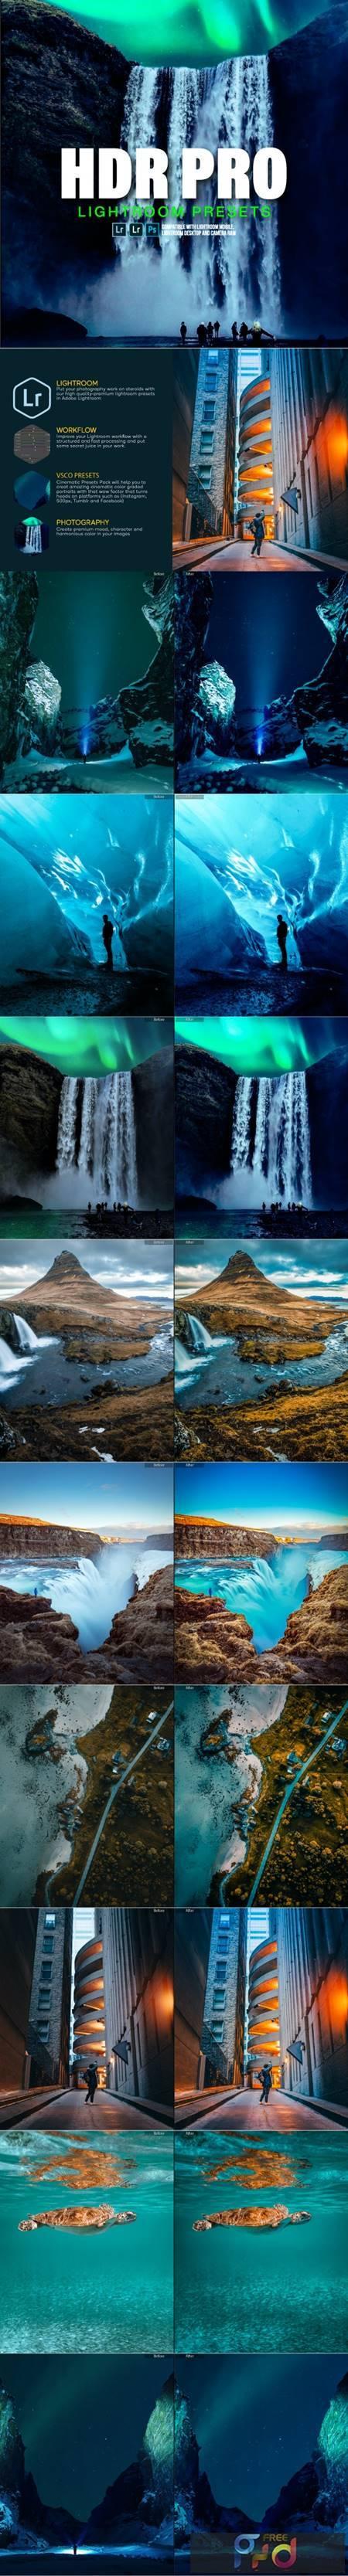 Landscape HDR Lightroom Presets 27976691 1